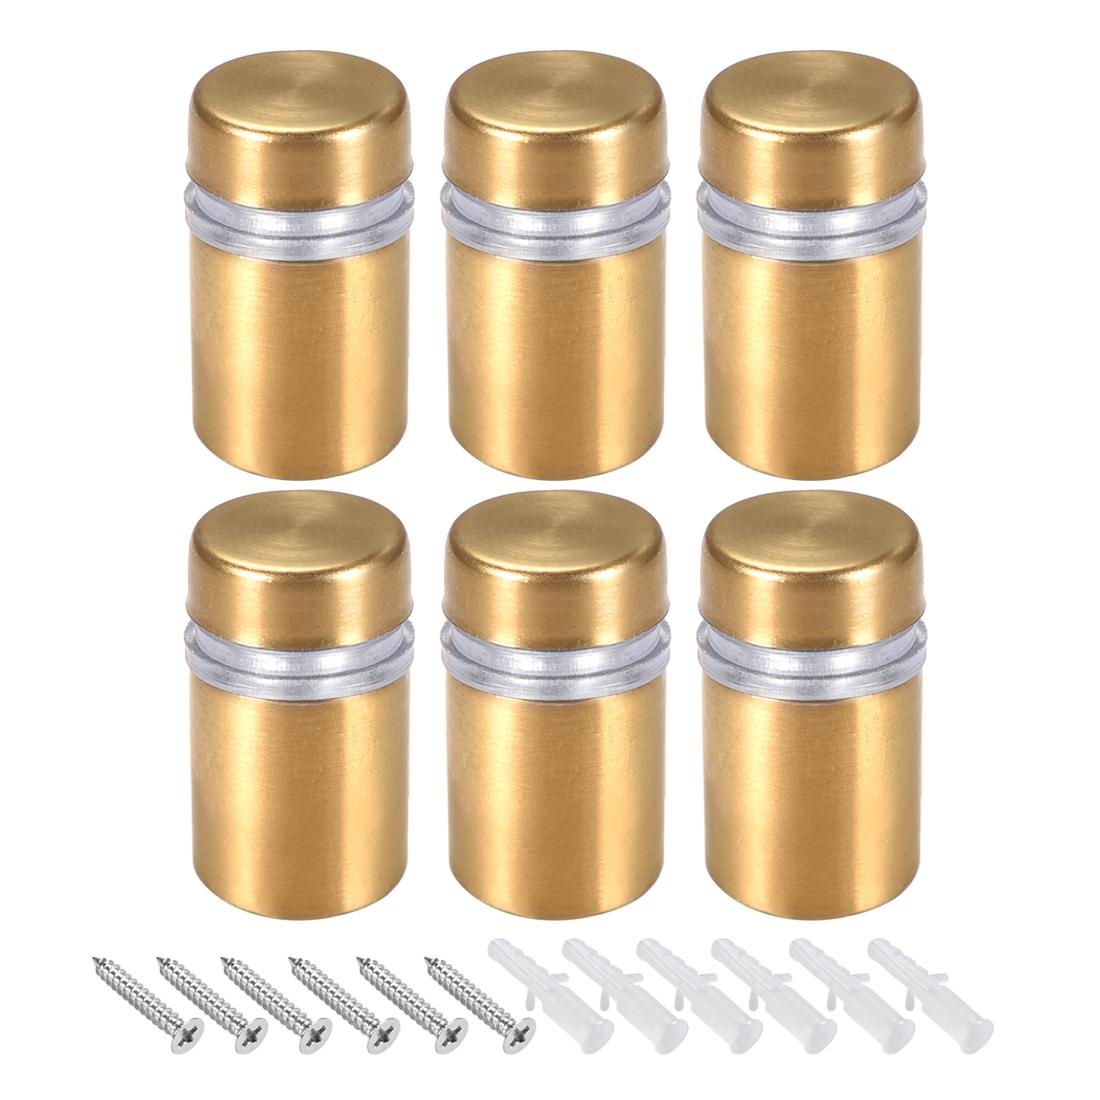 Glass Standoff Mount Wall Standoff Nails 12mm Dia 23mm Length Golden 6 Pcs